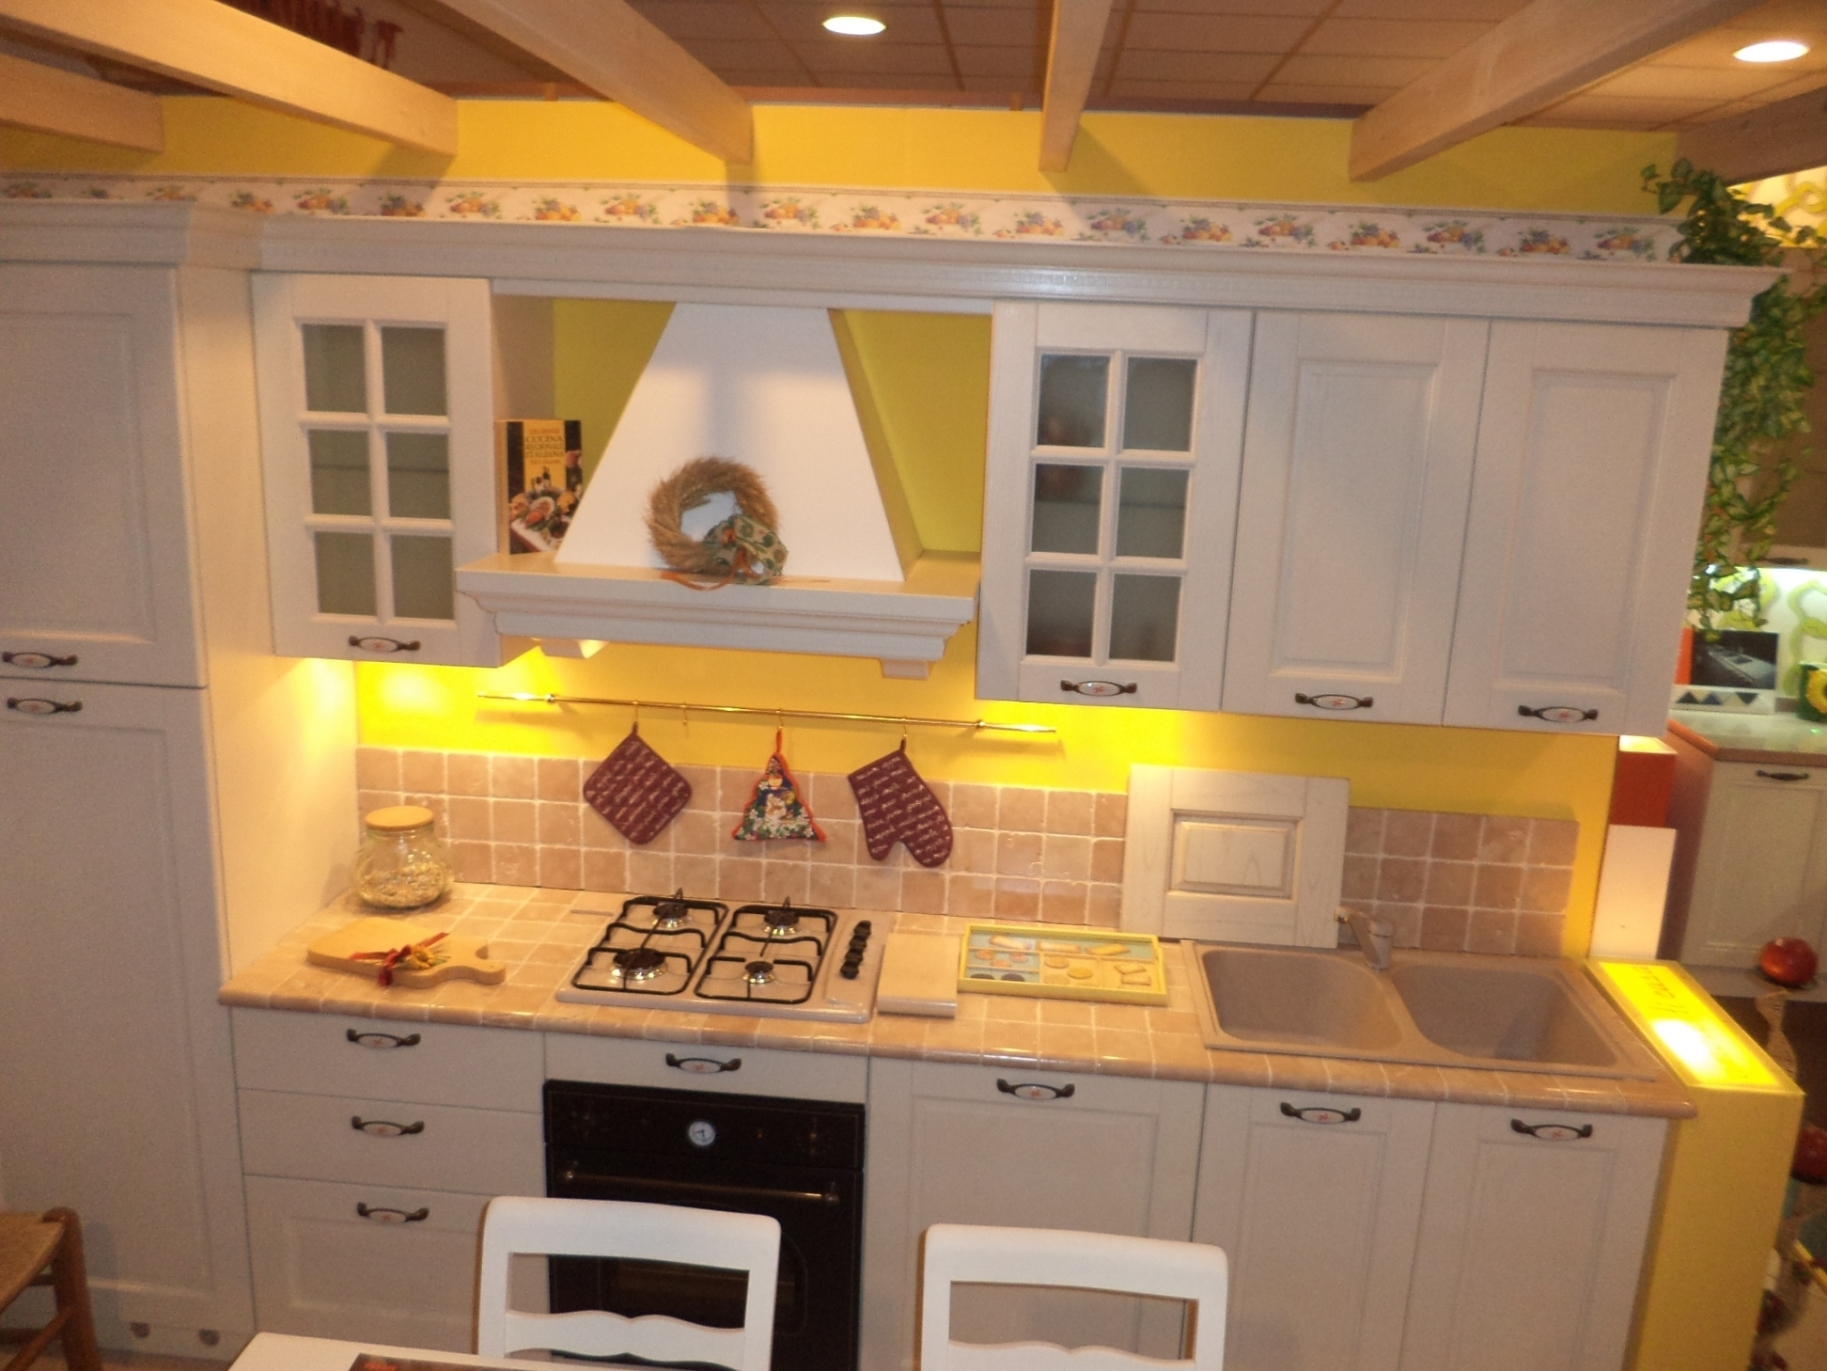 Arredo3 cucina virginia country legno bianca cucine a prezzi scontati - Cucina country bianca ...